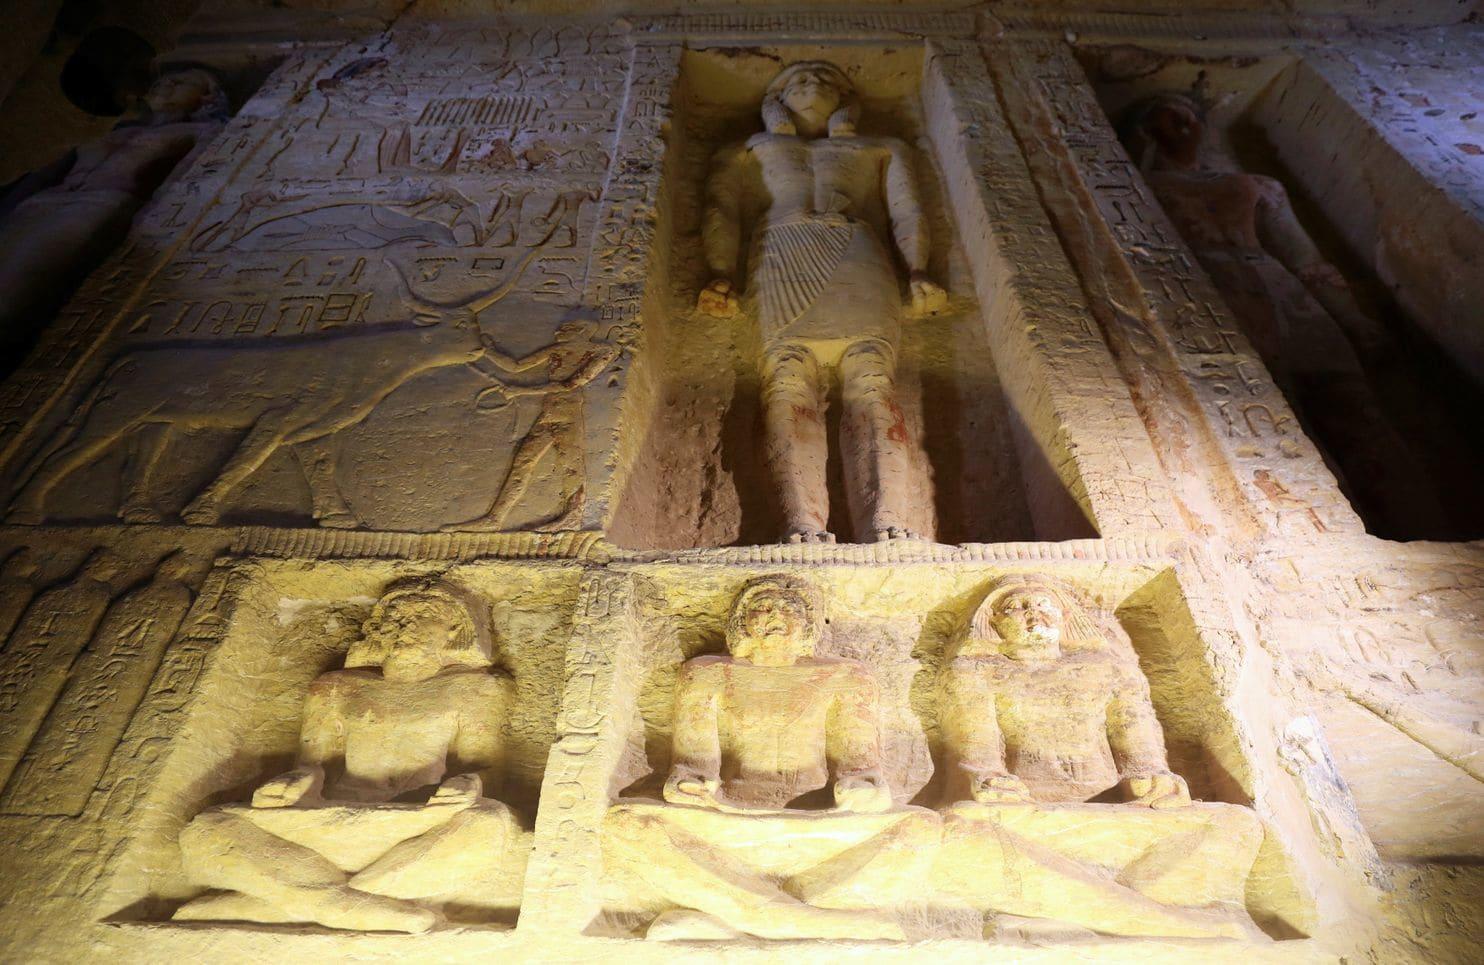 egypt 4400 mum image 6